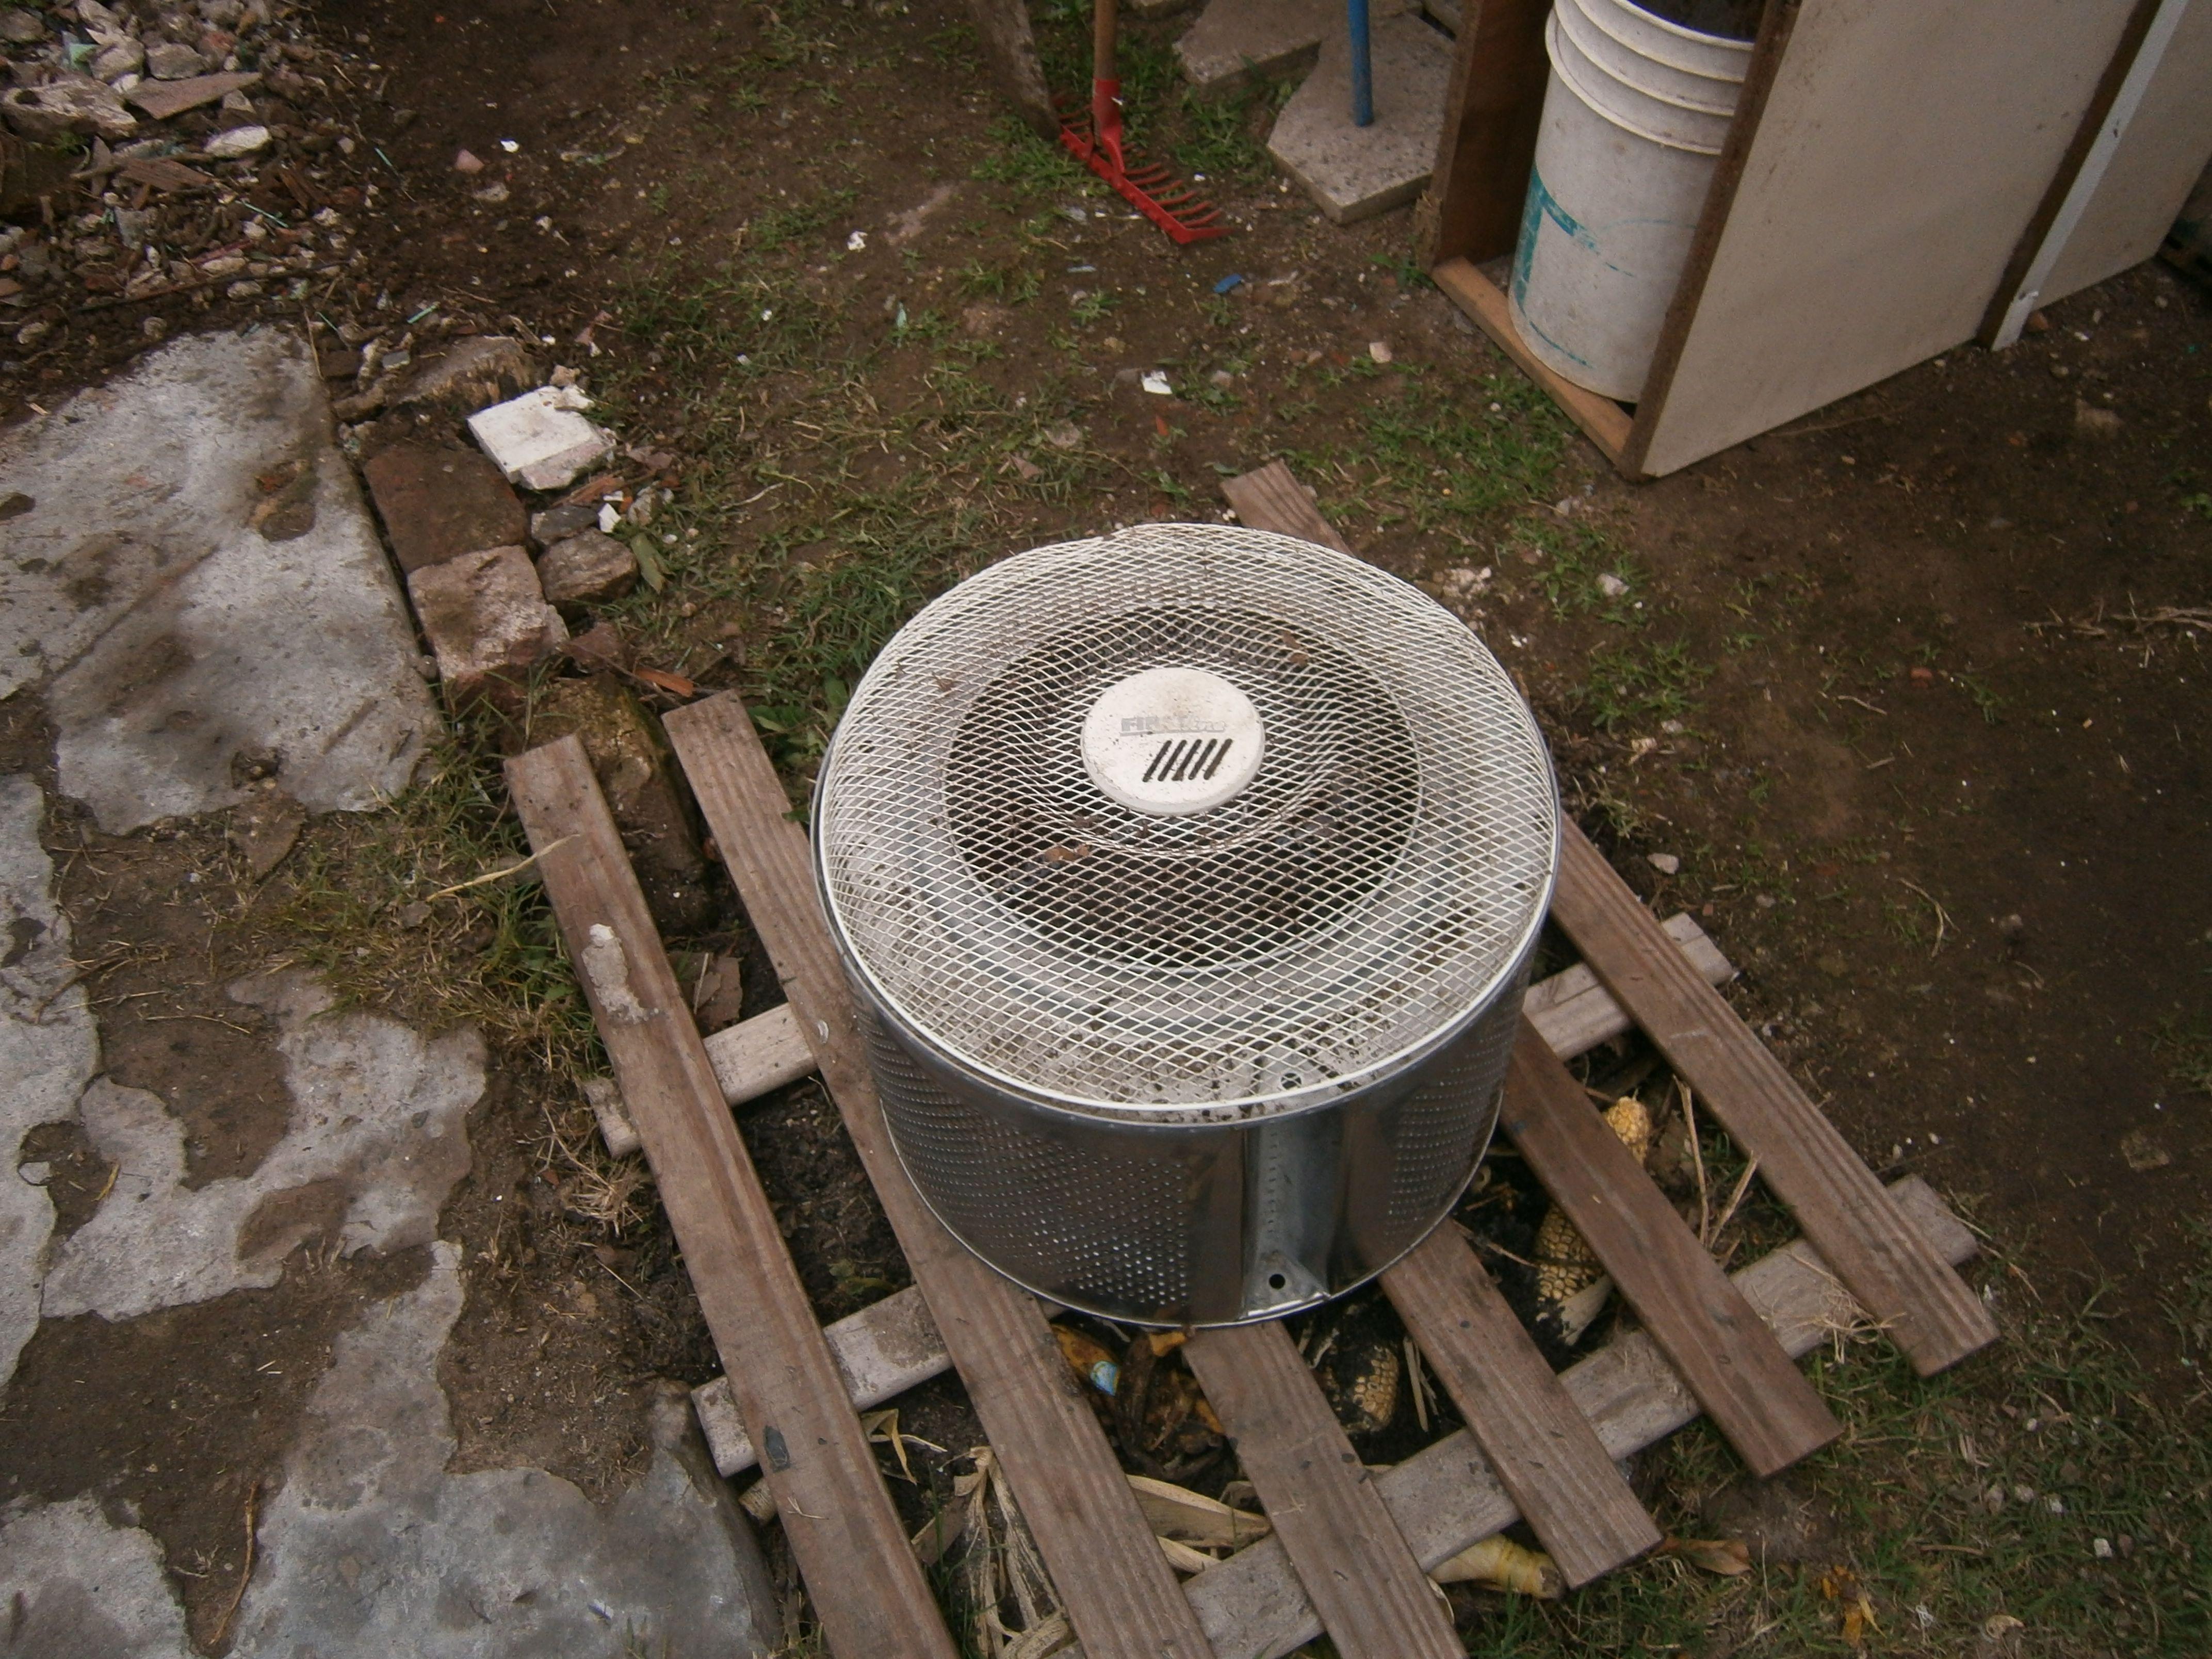 Composta en hoyo y arriba del tablero un reciclado para compostear mas rápido...va muy bien,el hoyo tiene unas trabajadoras regordetas y laboriosas,unas lombrices de jardín que hacen lindo trabajo.